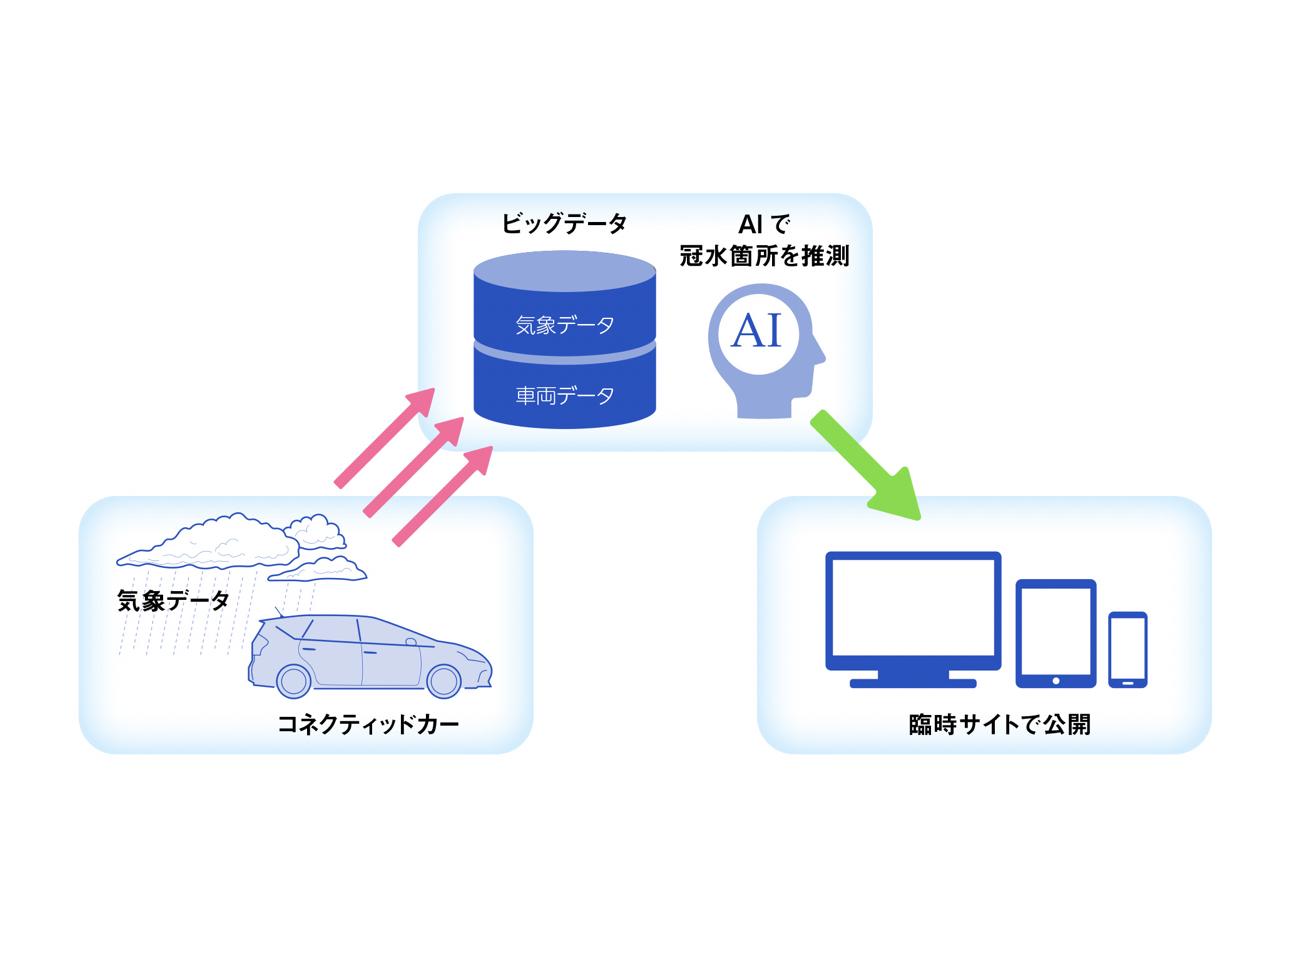 ウェザーニューズ×トヨタ | IoTとビッグデータで道路冠水のリアルタイム検知に関する実証実験を開始